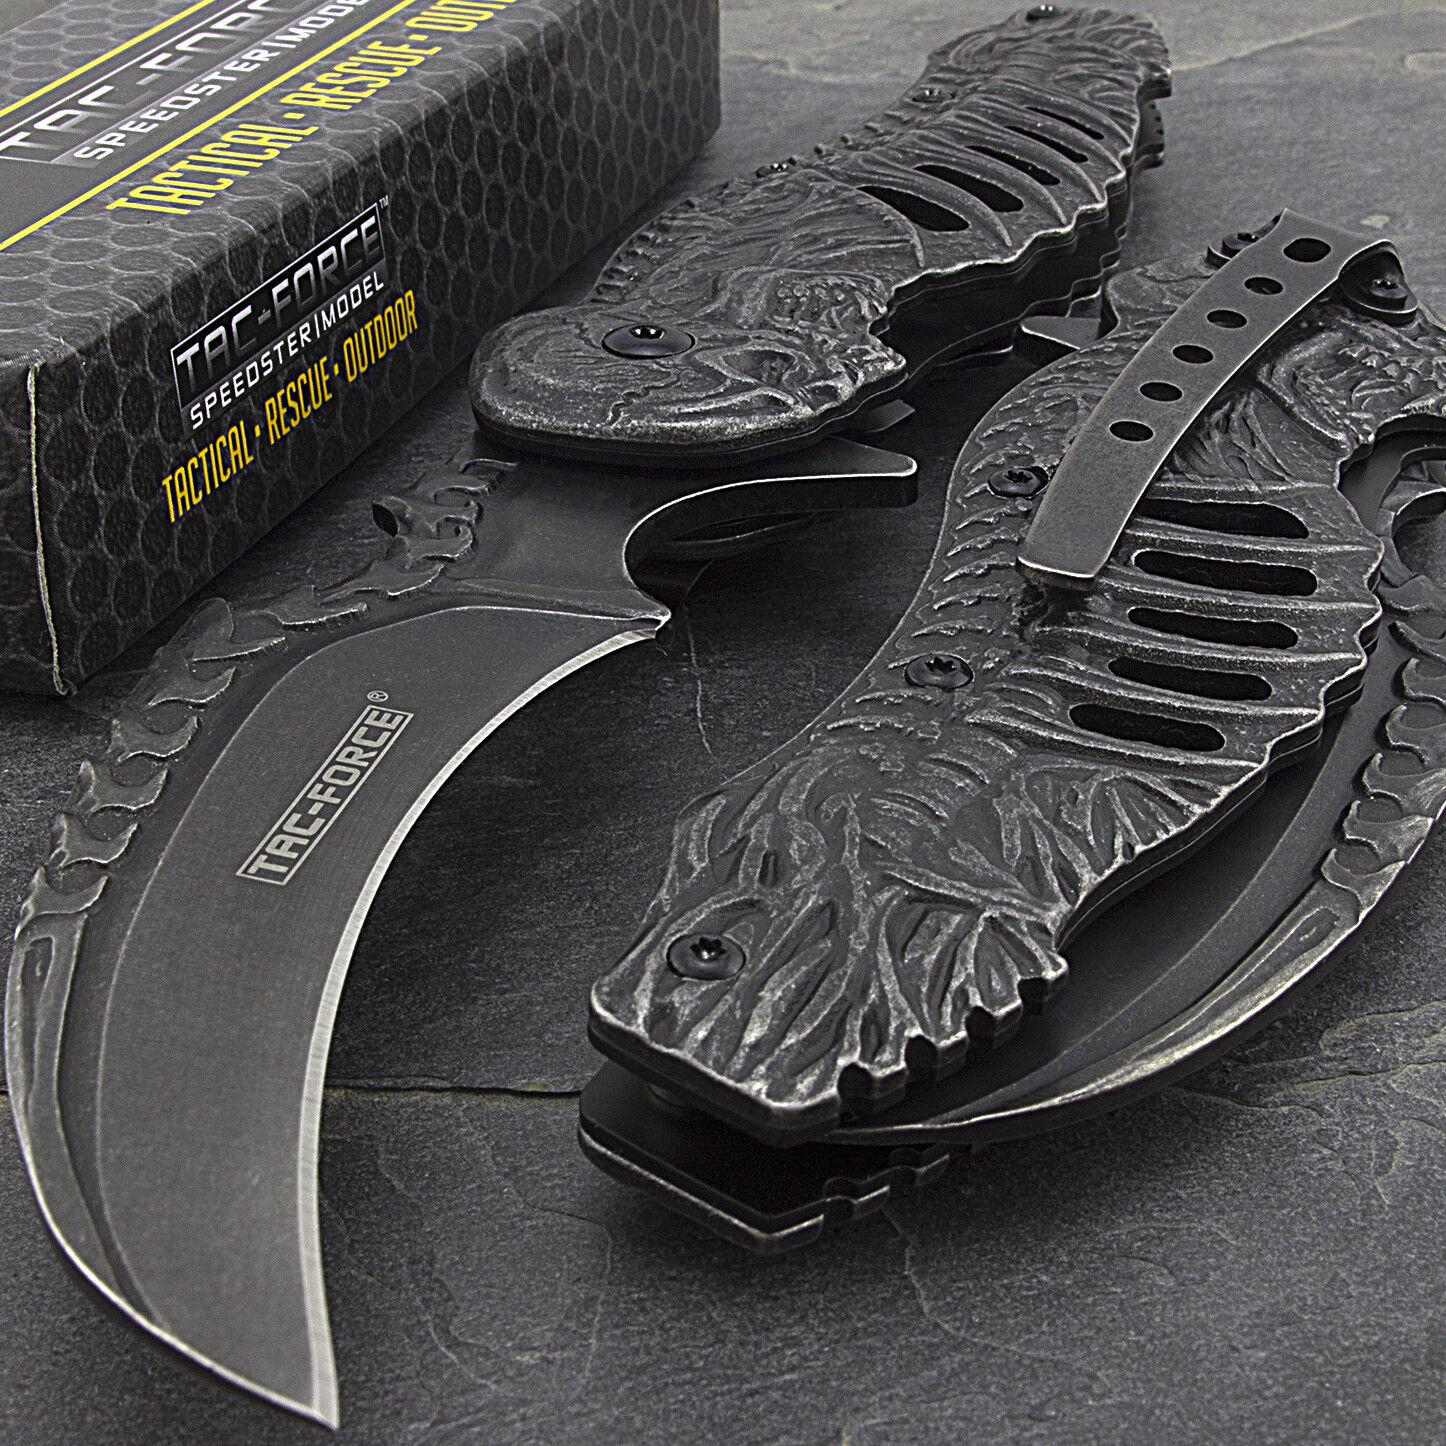 """8.25"""" TAC FORCE SKULL STONEWASH SPRING ASSISTED FANTASY FOLDING POCKET KNIFE"""